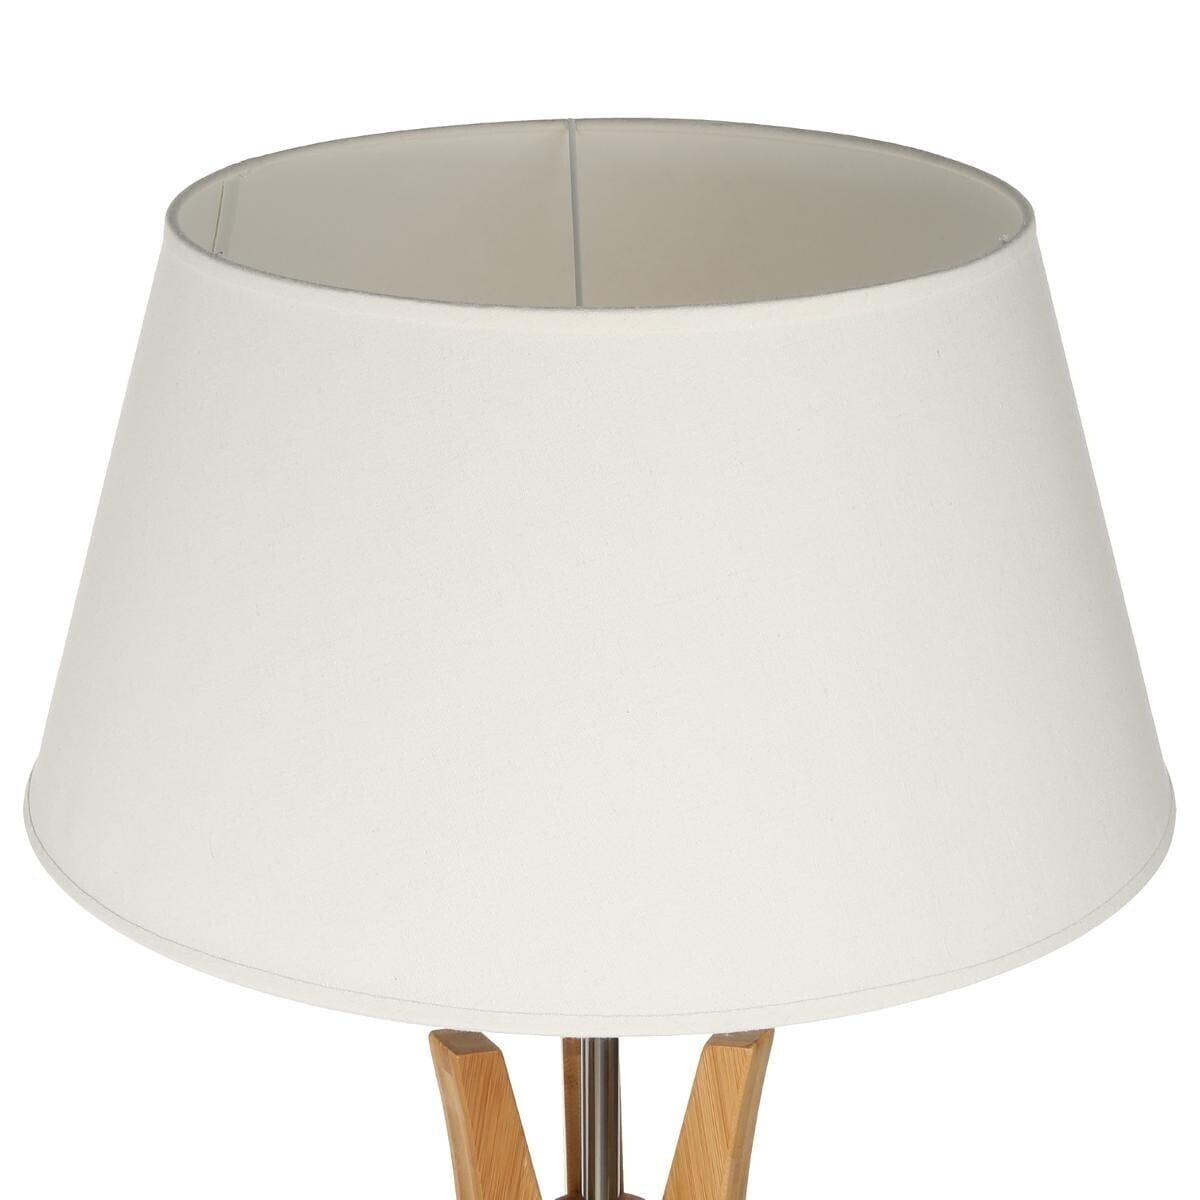 Lampadaire trépied 'Kalo', bambou et blanc H156 cm beige